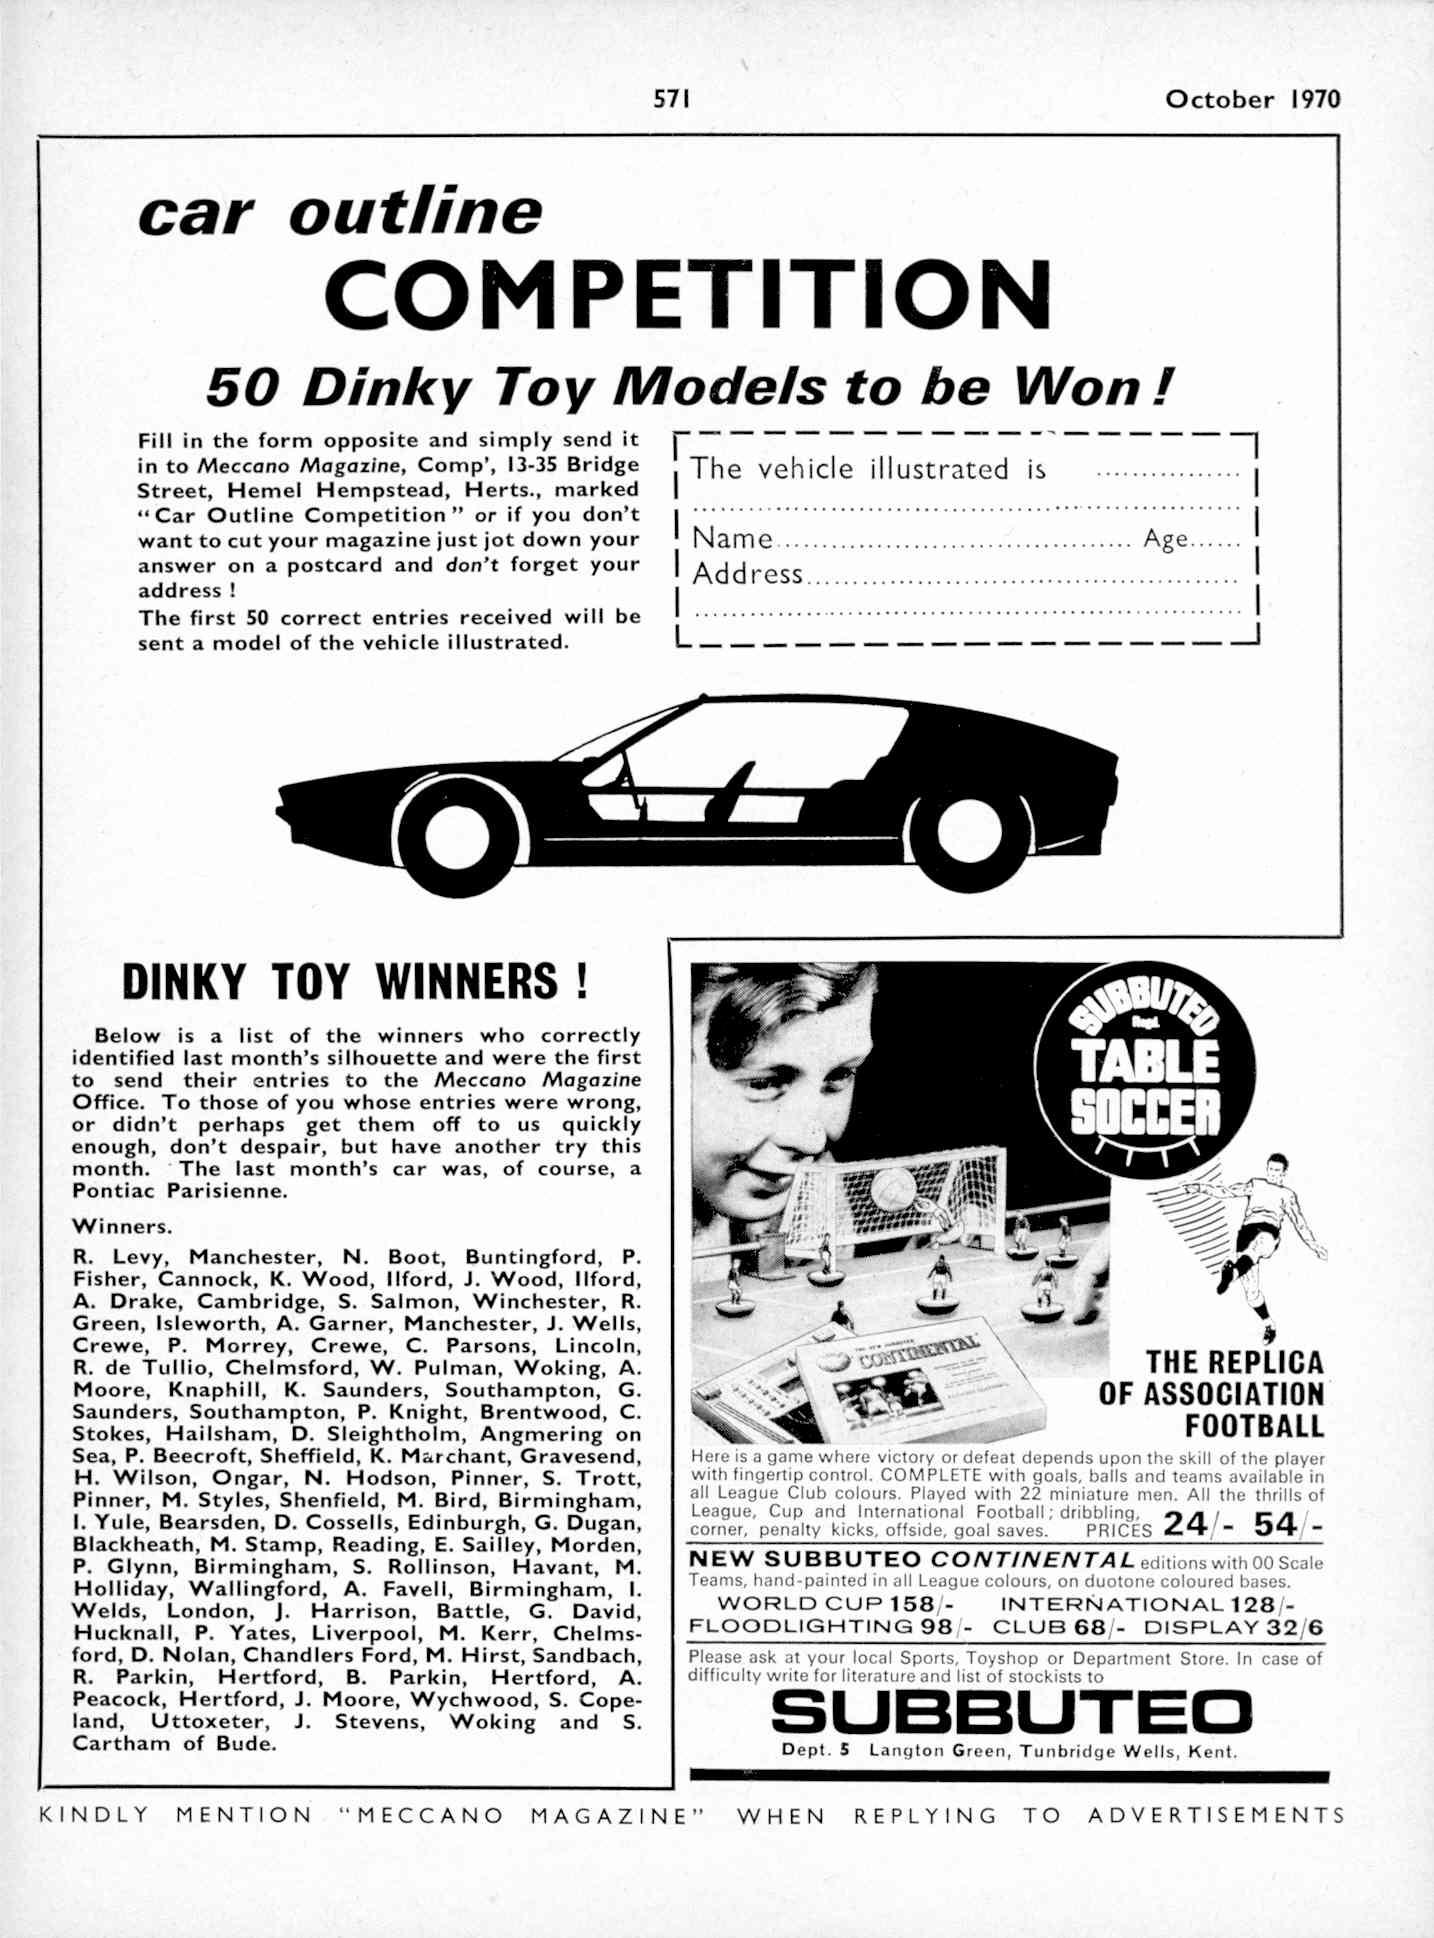 UK Meccano Magazine October 1970 Page 571